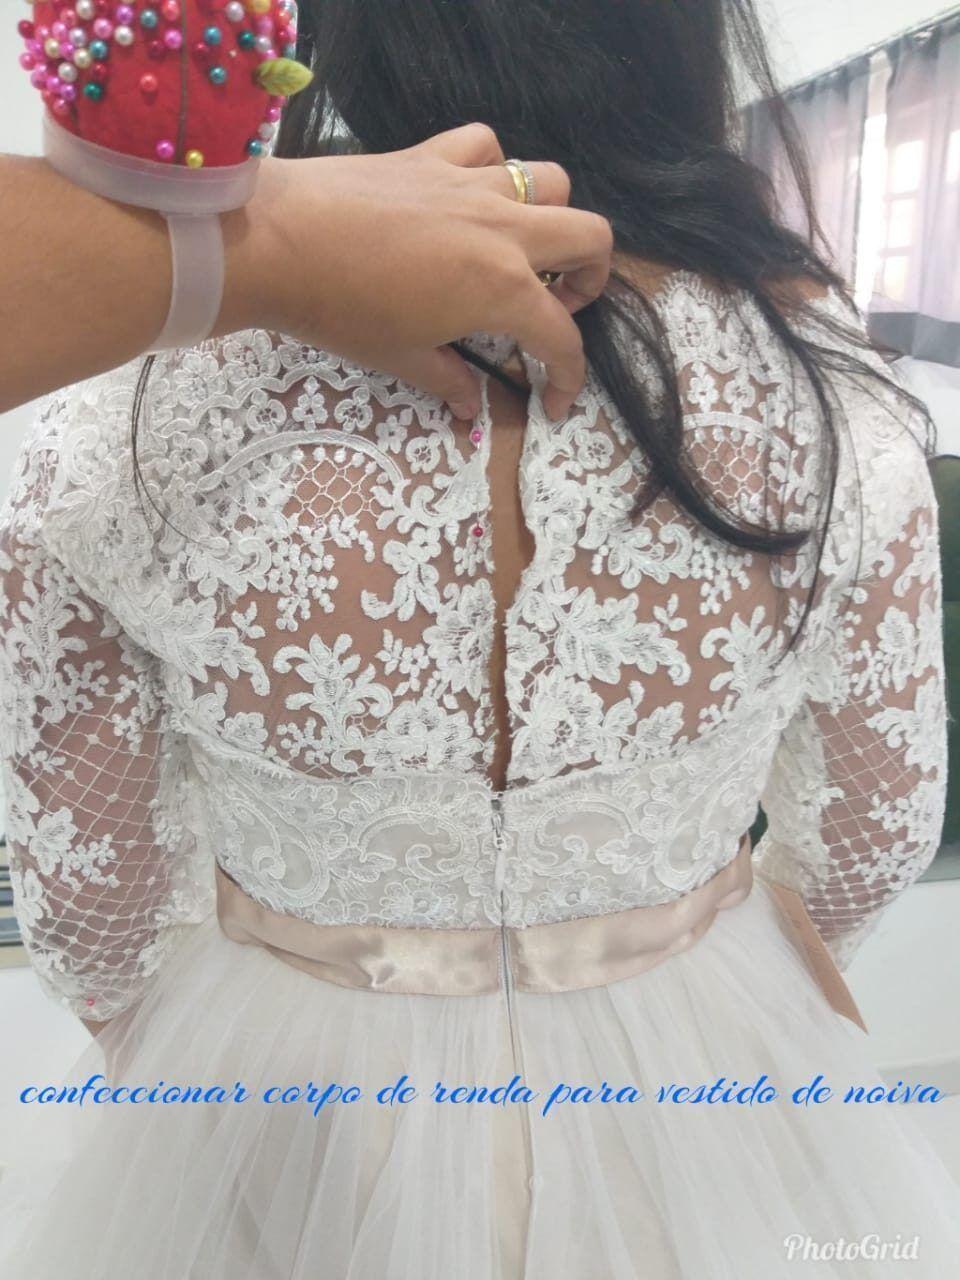 confeccionando-corpo-de-renda-em-vestido-de-noiva-ellegancy-costuras-4917165